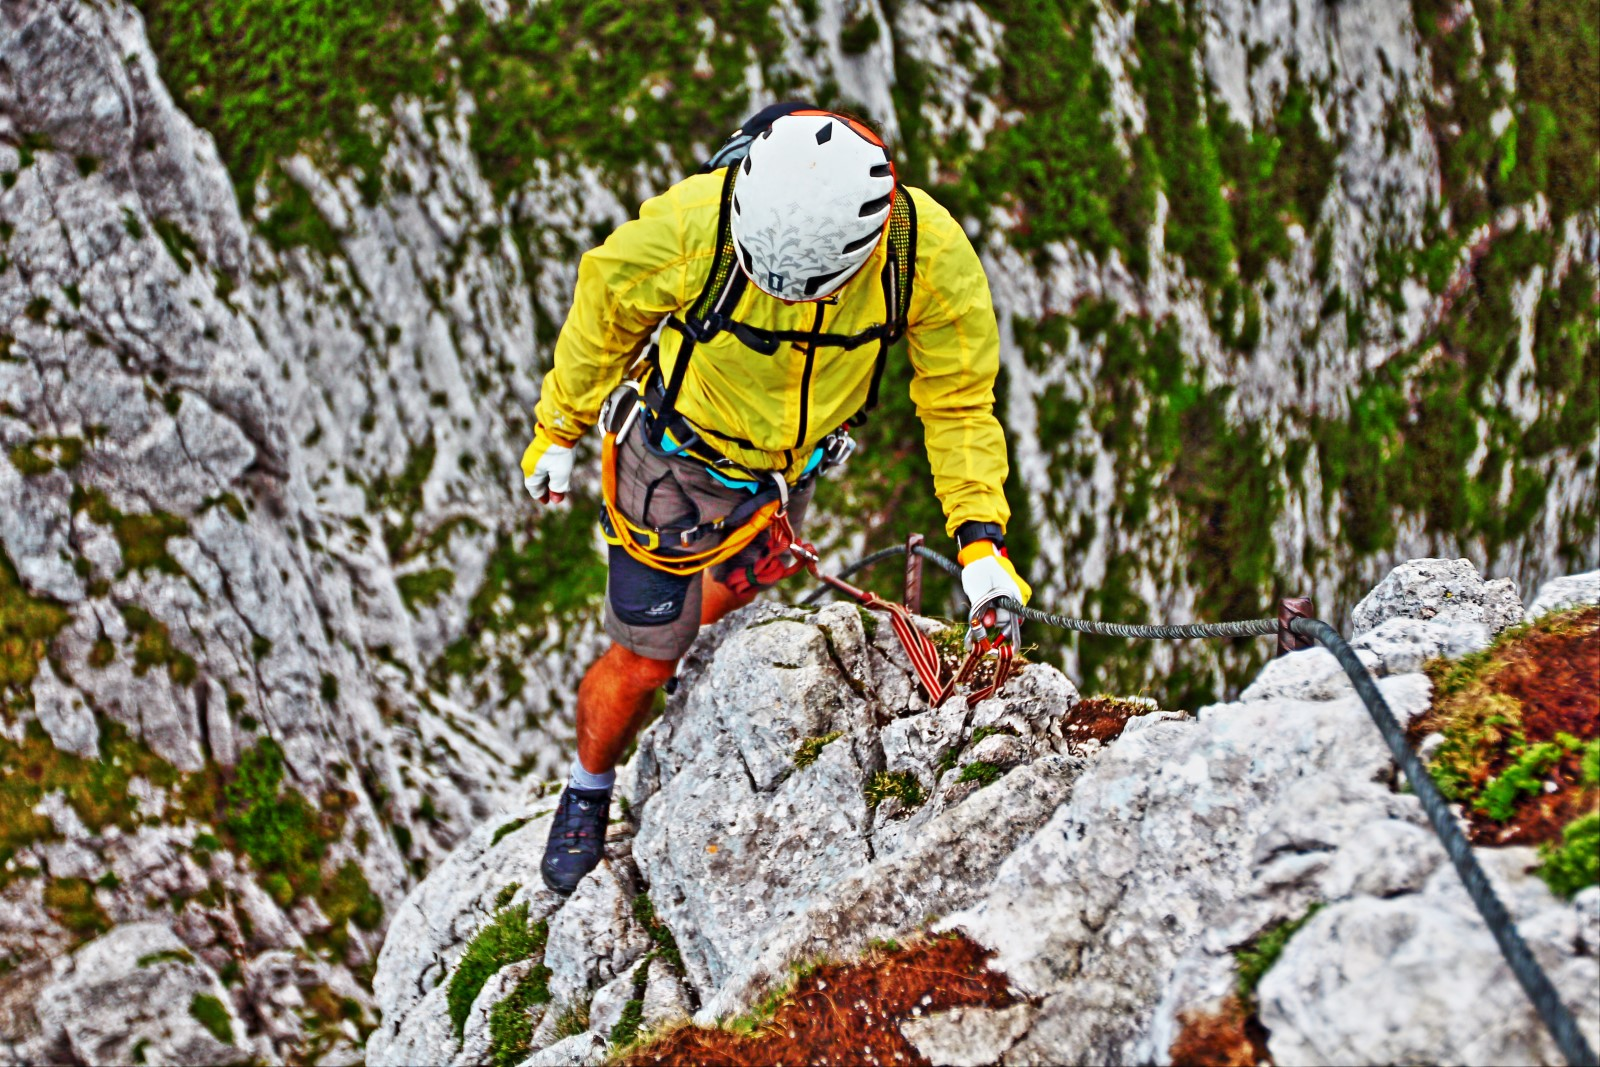 Klettersteig Intersport : Hany výstup na großer donnerkogel intersport klettersteig